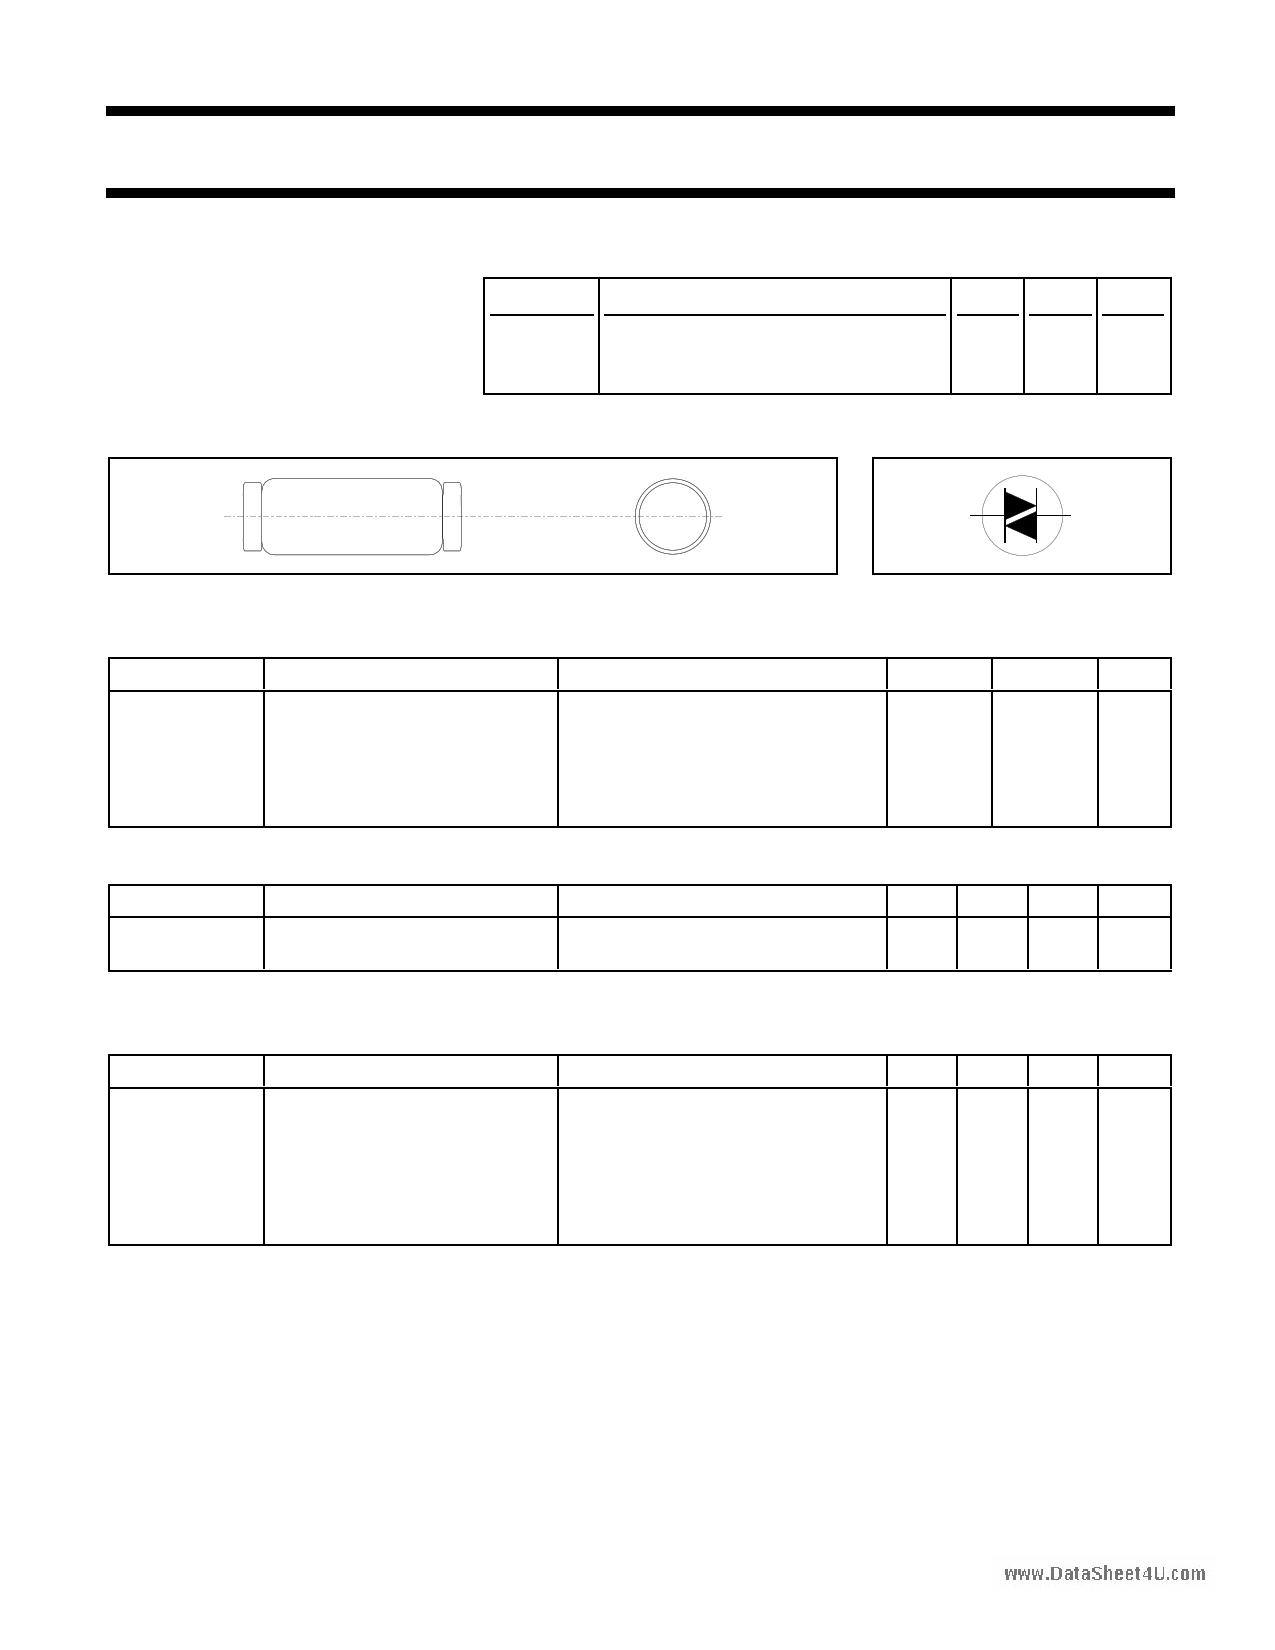 BR103 Datasheet, BR103 PDF,ピン配置, 機能